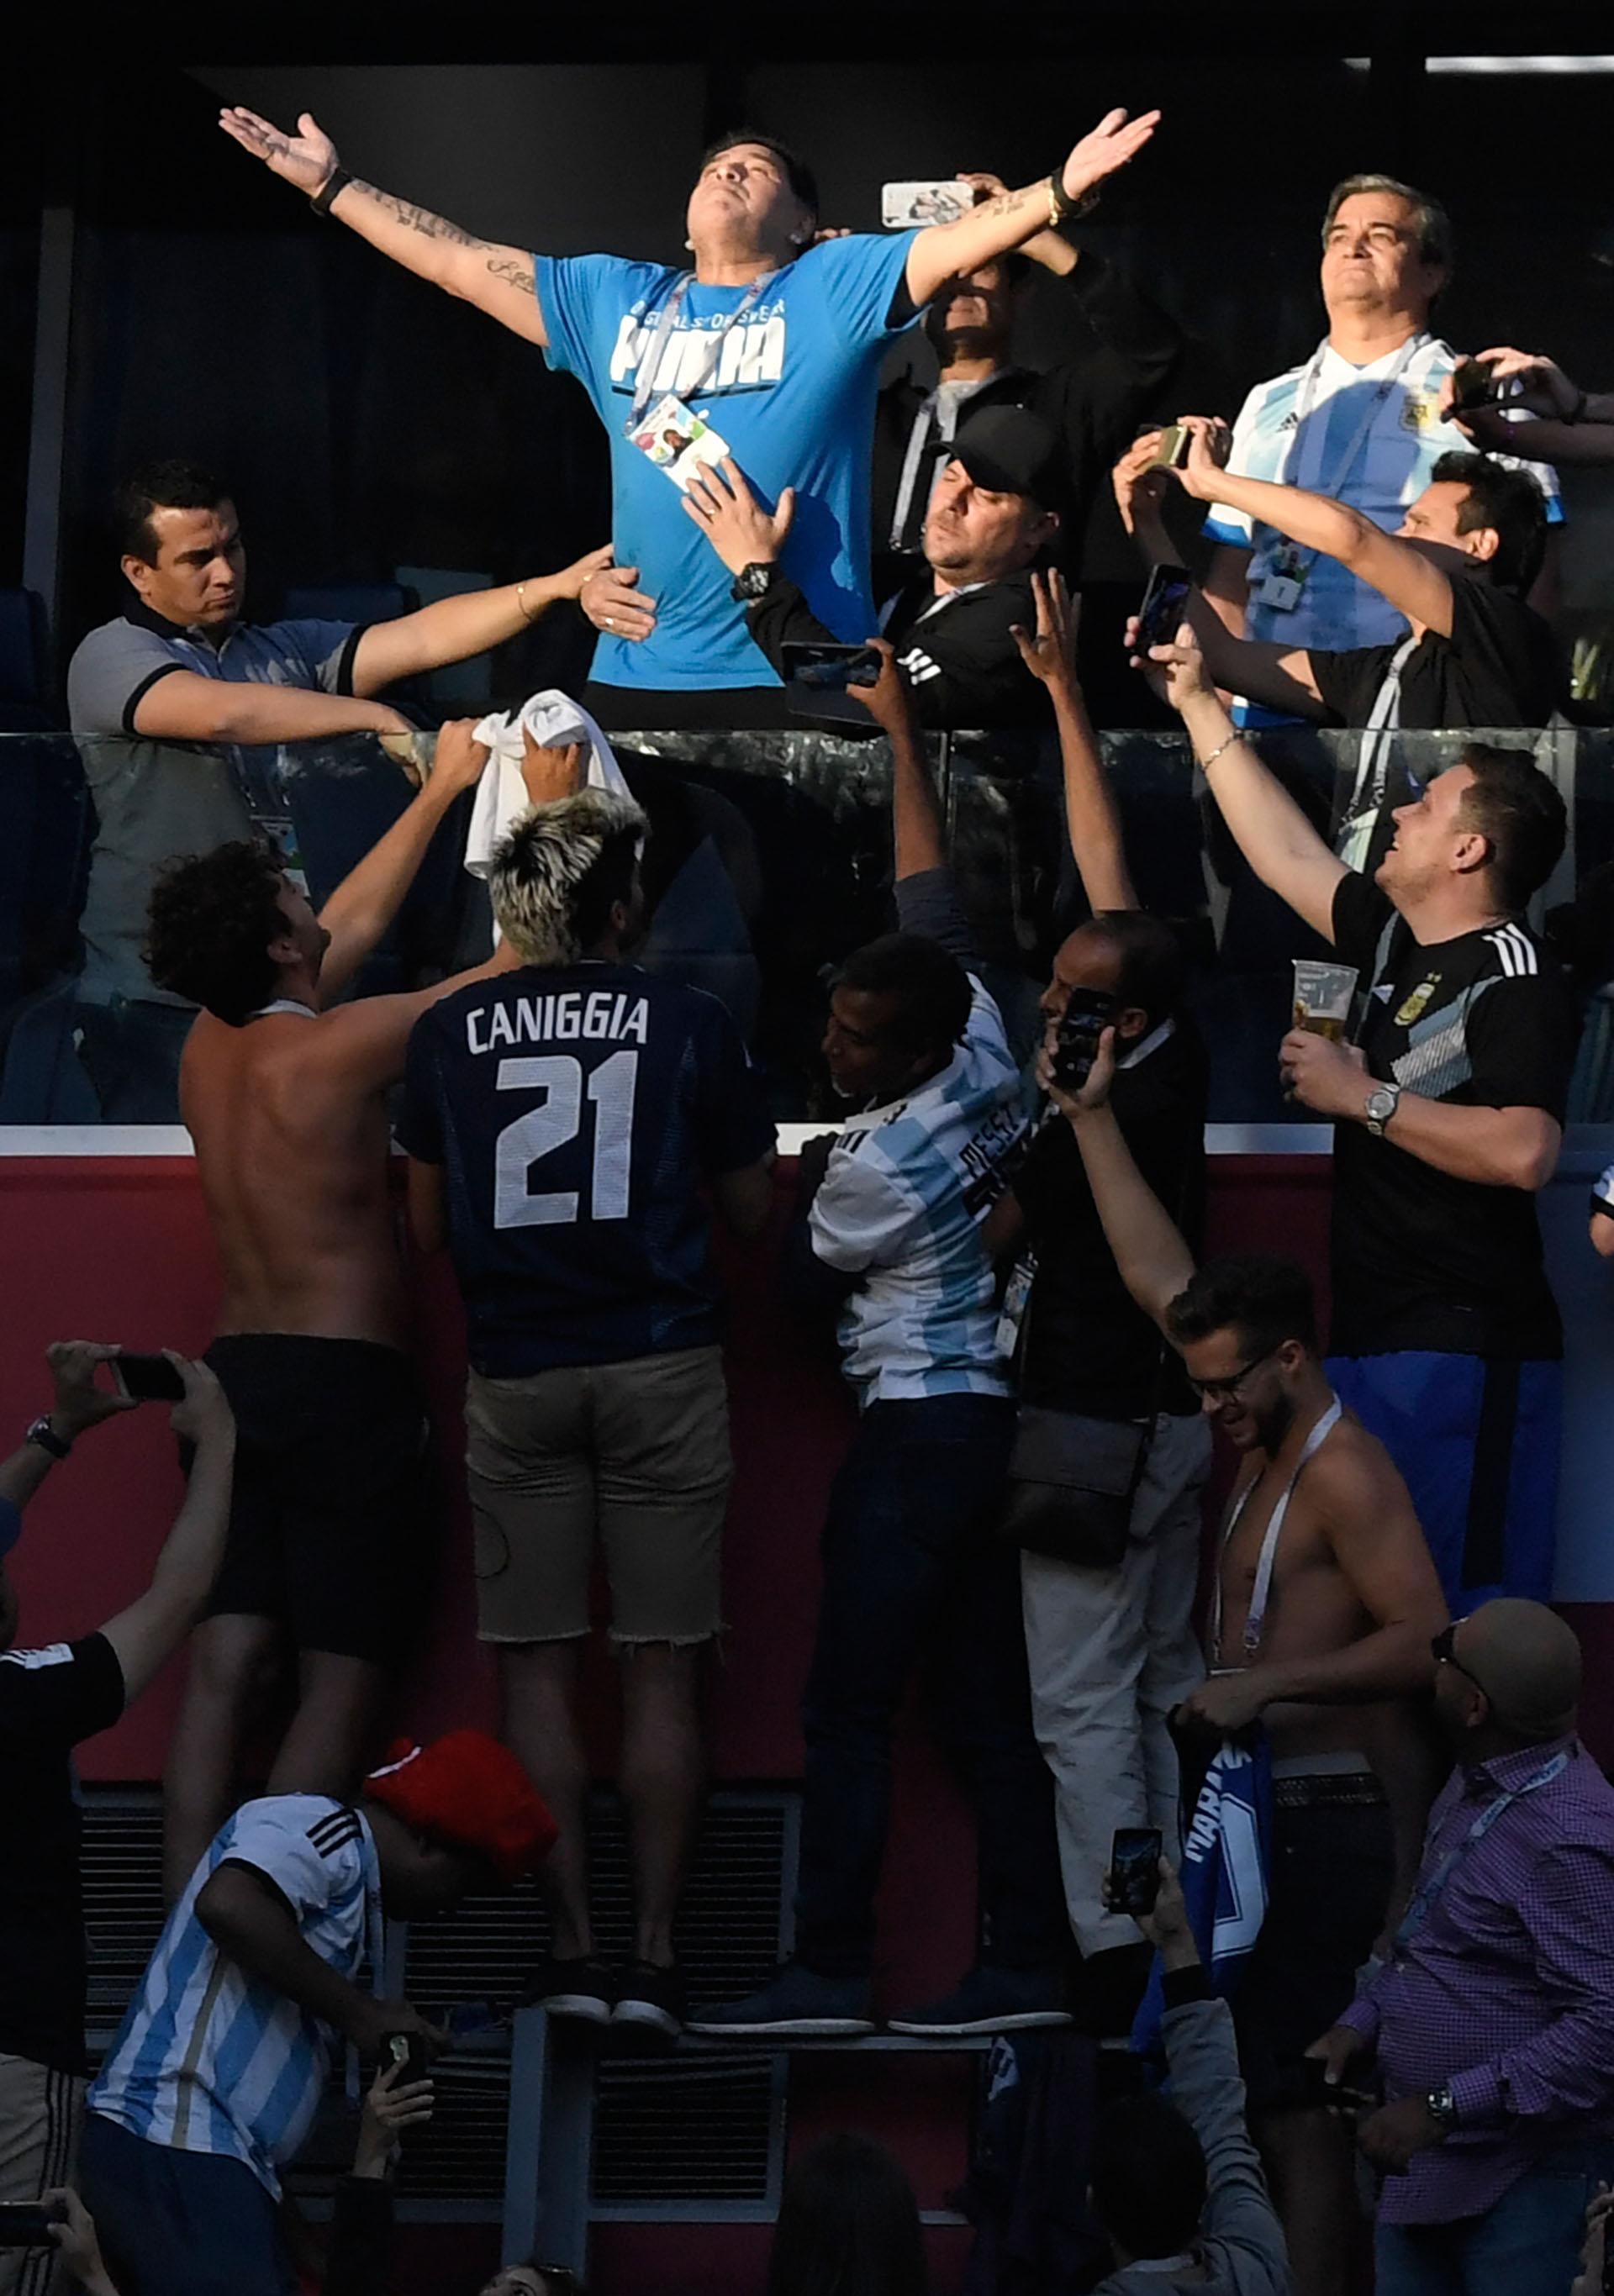 Ningún fanático se quiso perder la oportunidad de acercarse a Maradona